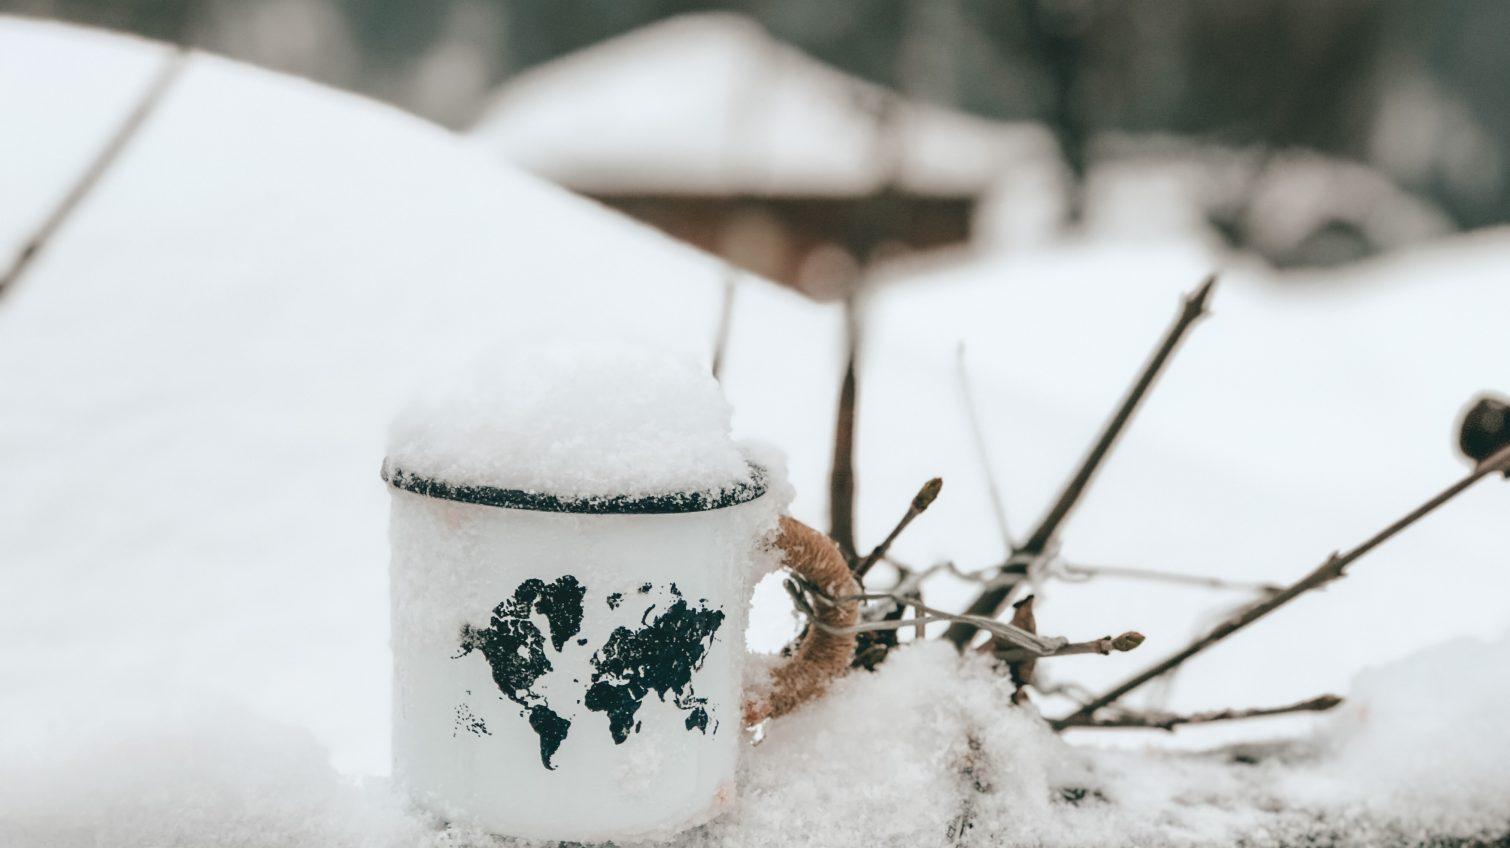 В день празднования Нового года в Одессе ожидается похолодание, а ночью возможен снег «фото»